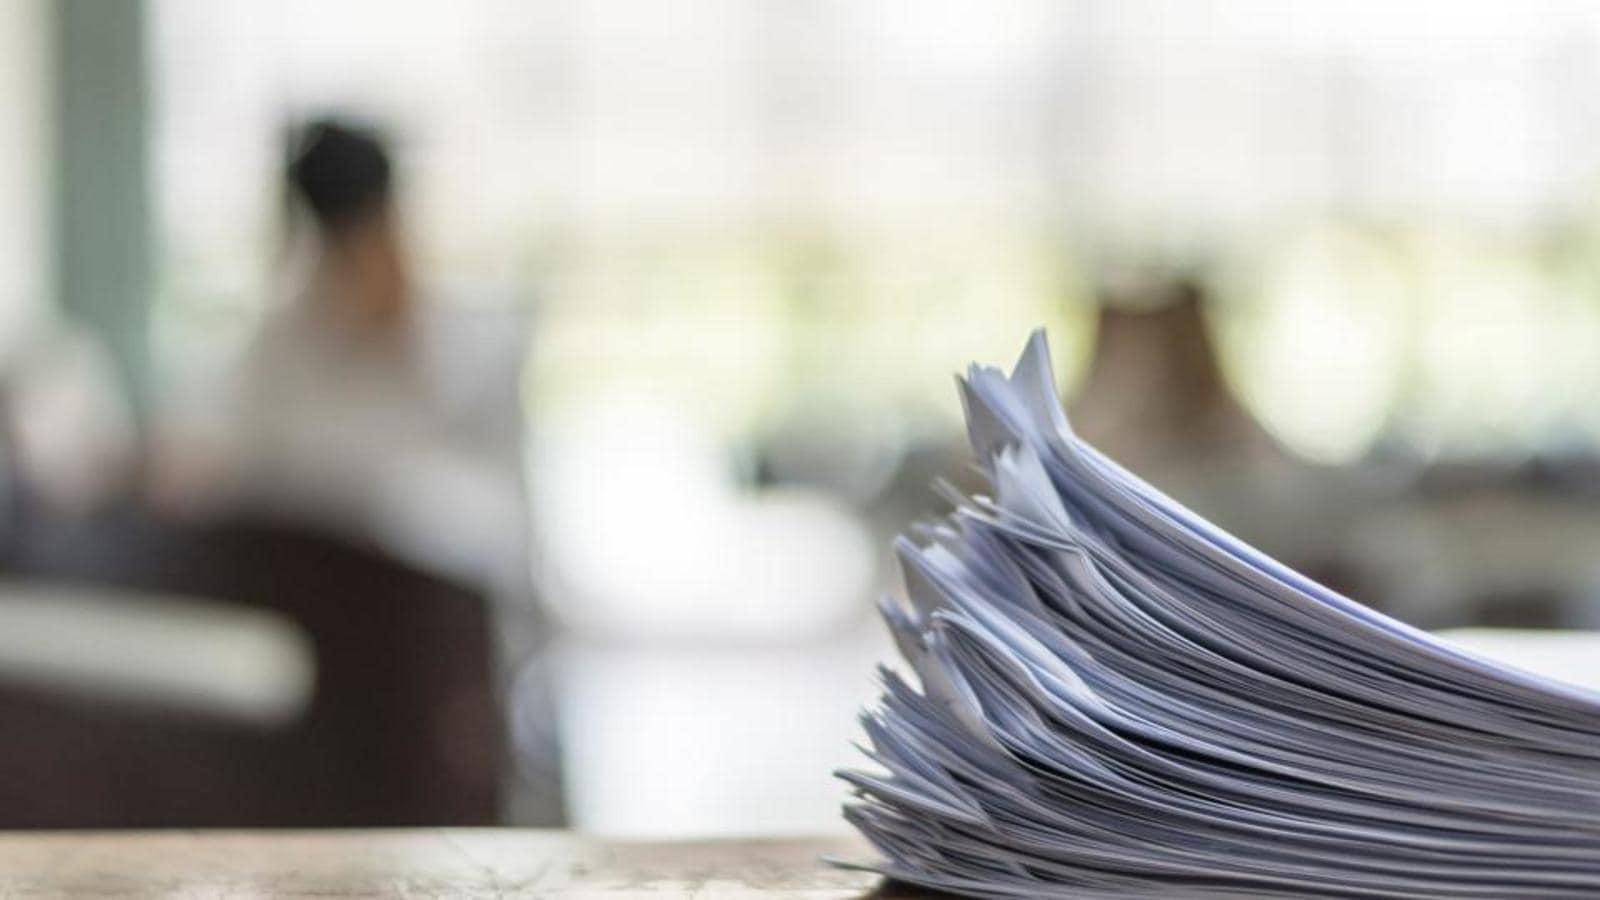 आदेश विश्वविद्यालय में एमडी / एमएस छात्र प्रारंभिक अंतिम परीक्षा चाहते हैं